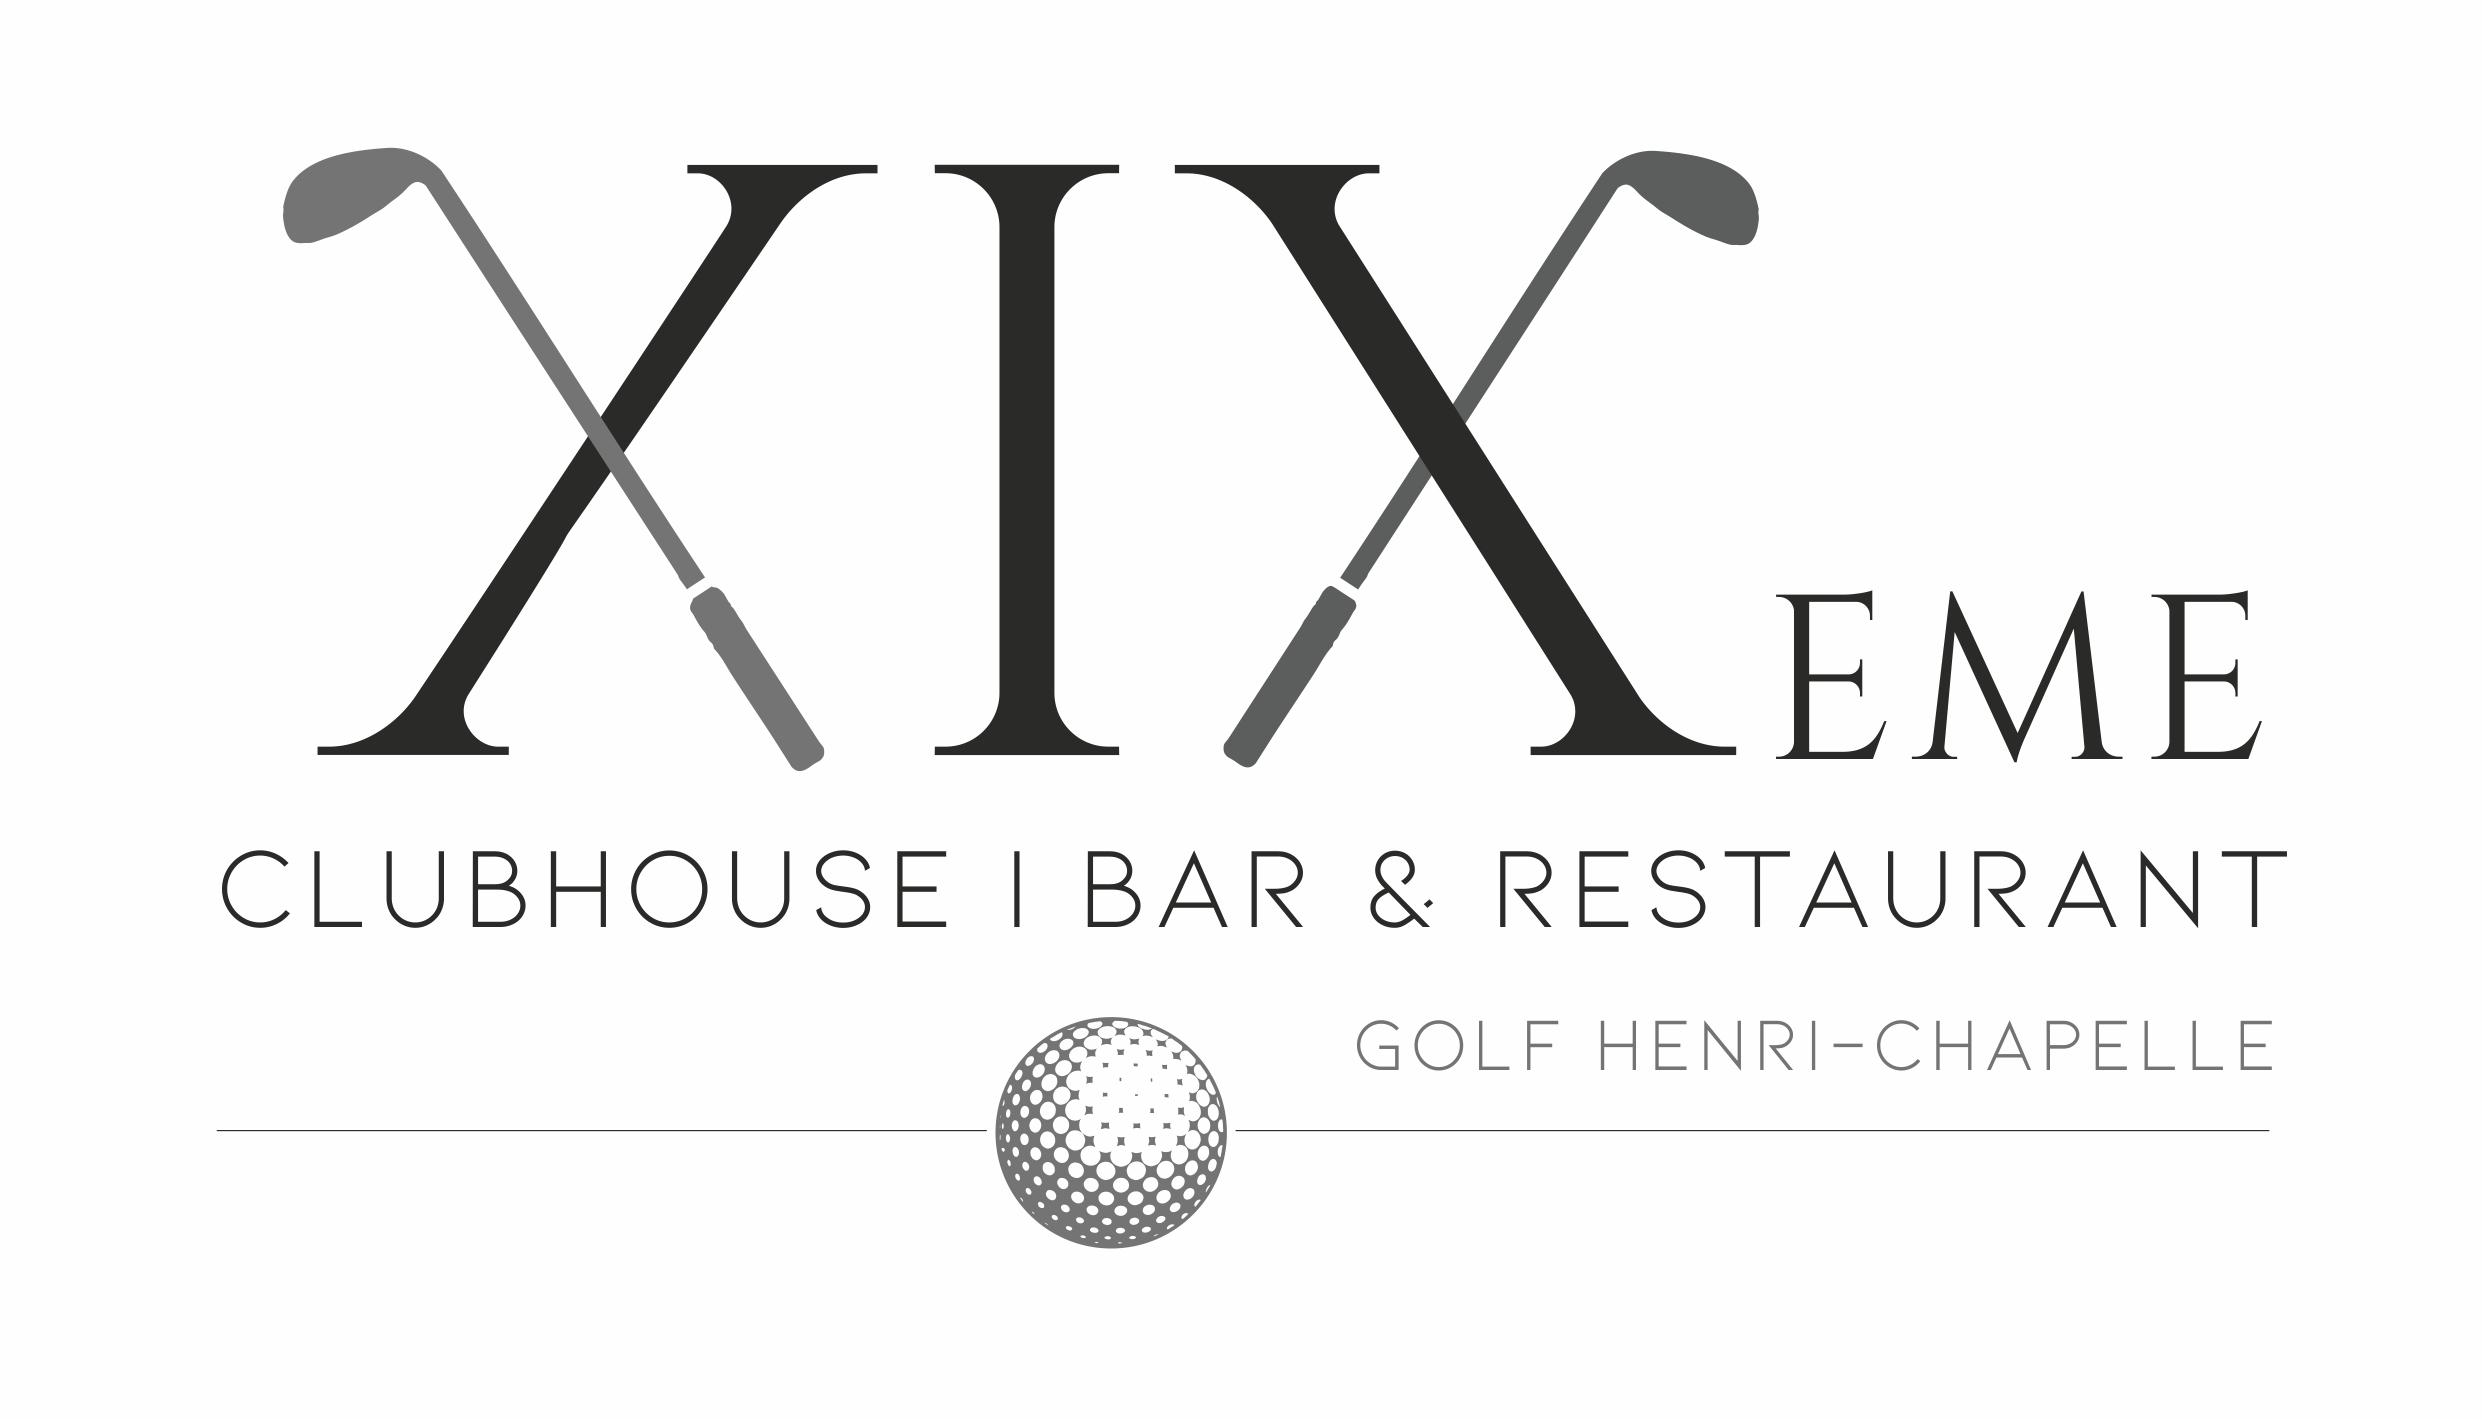 XIX logo